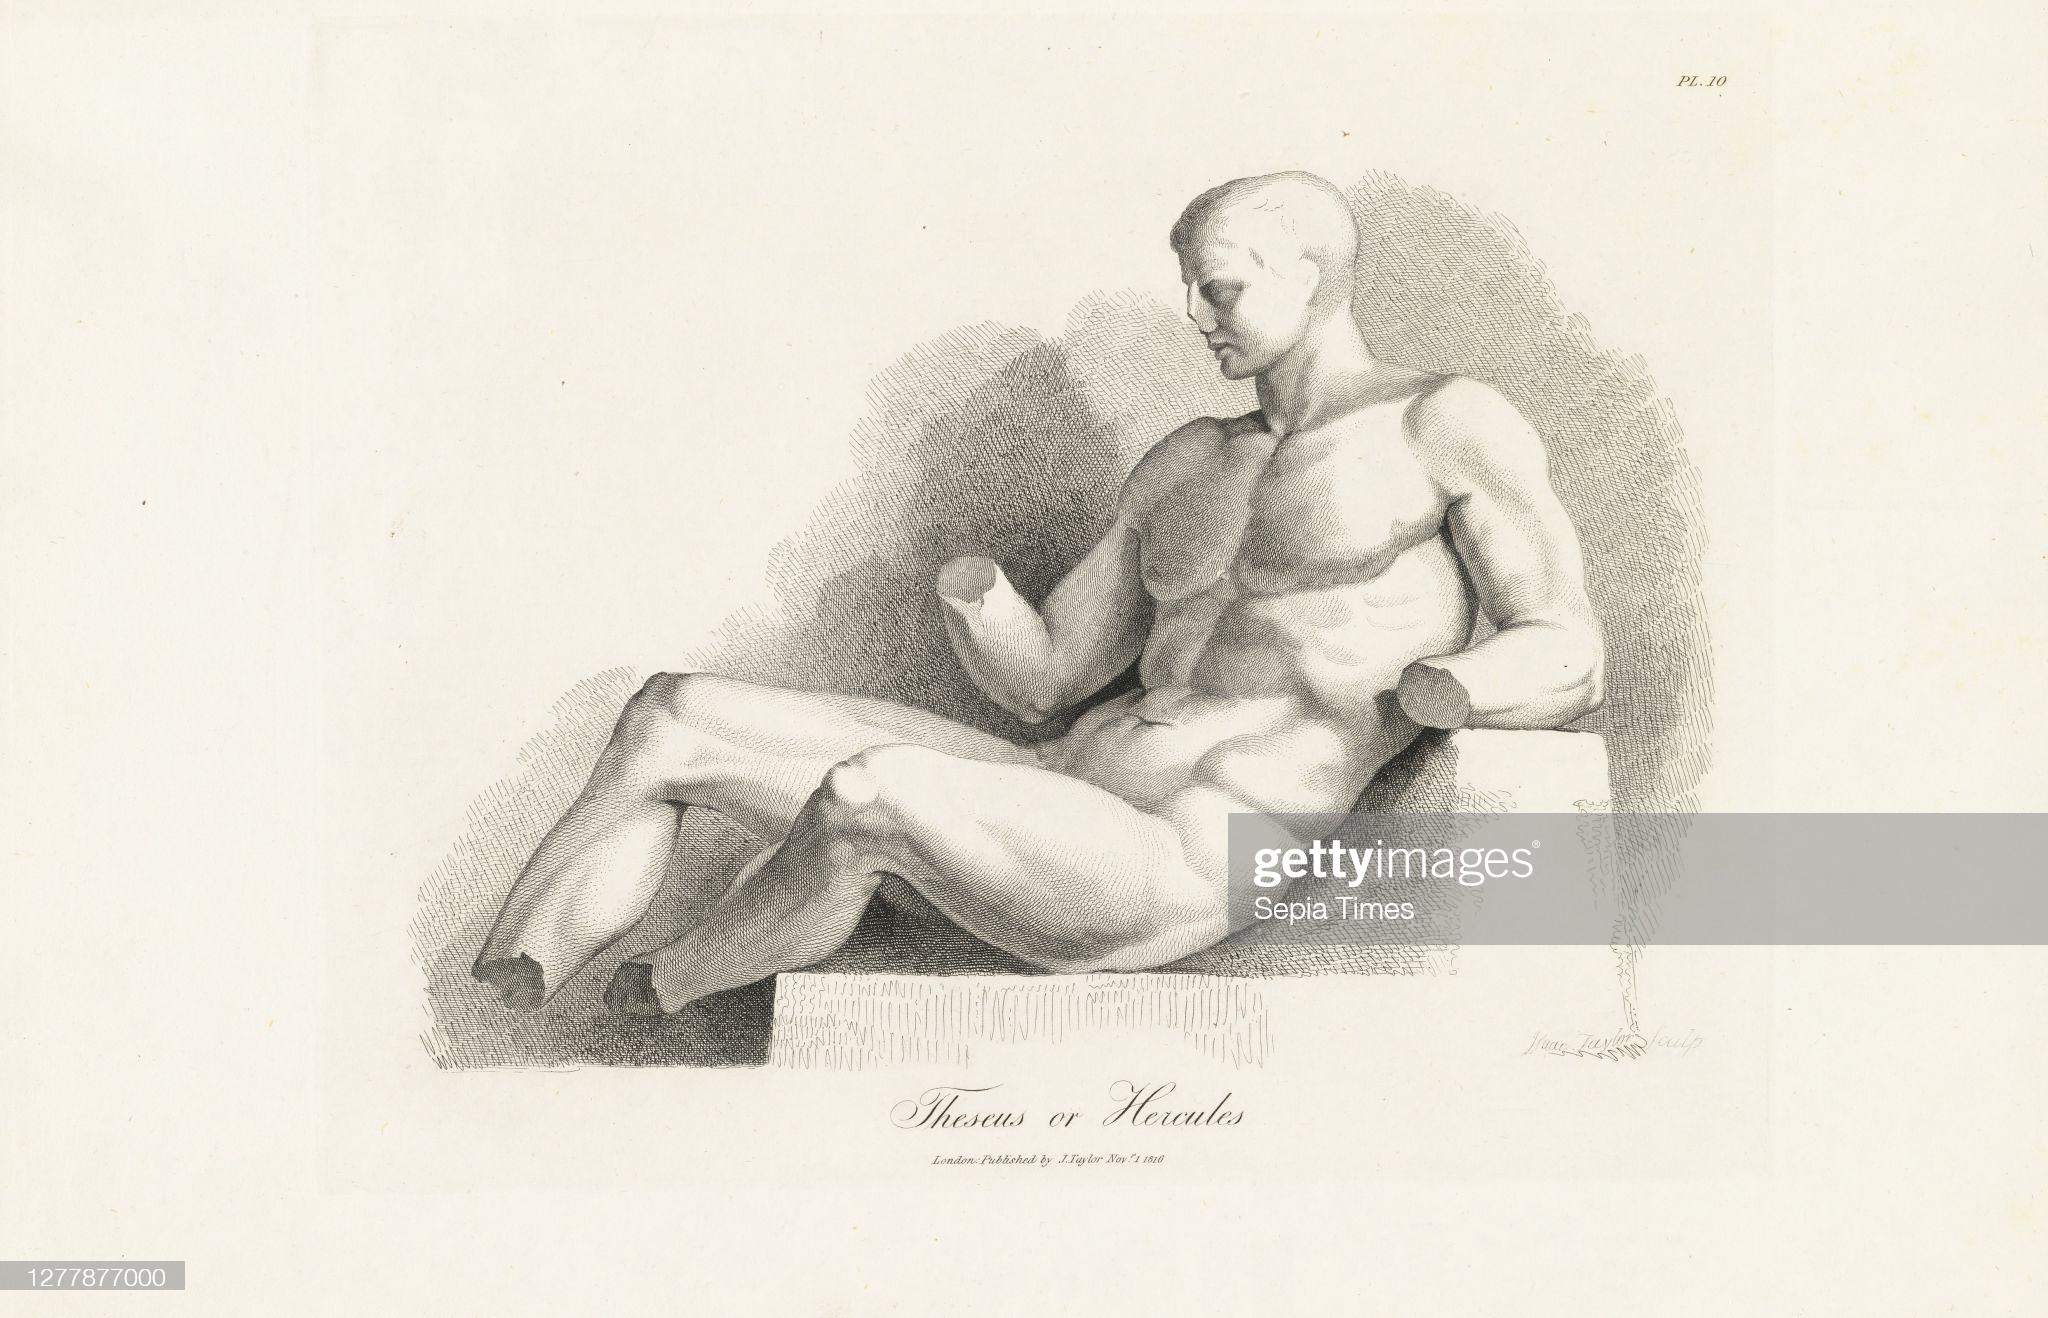 gettyimages-Theseus (Hersles) Elgin Marbles